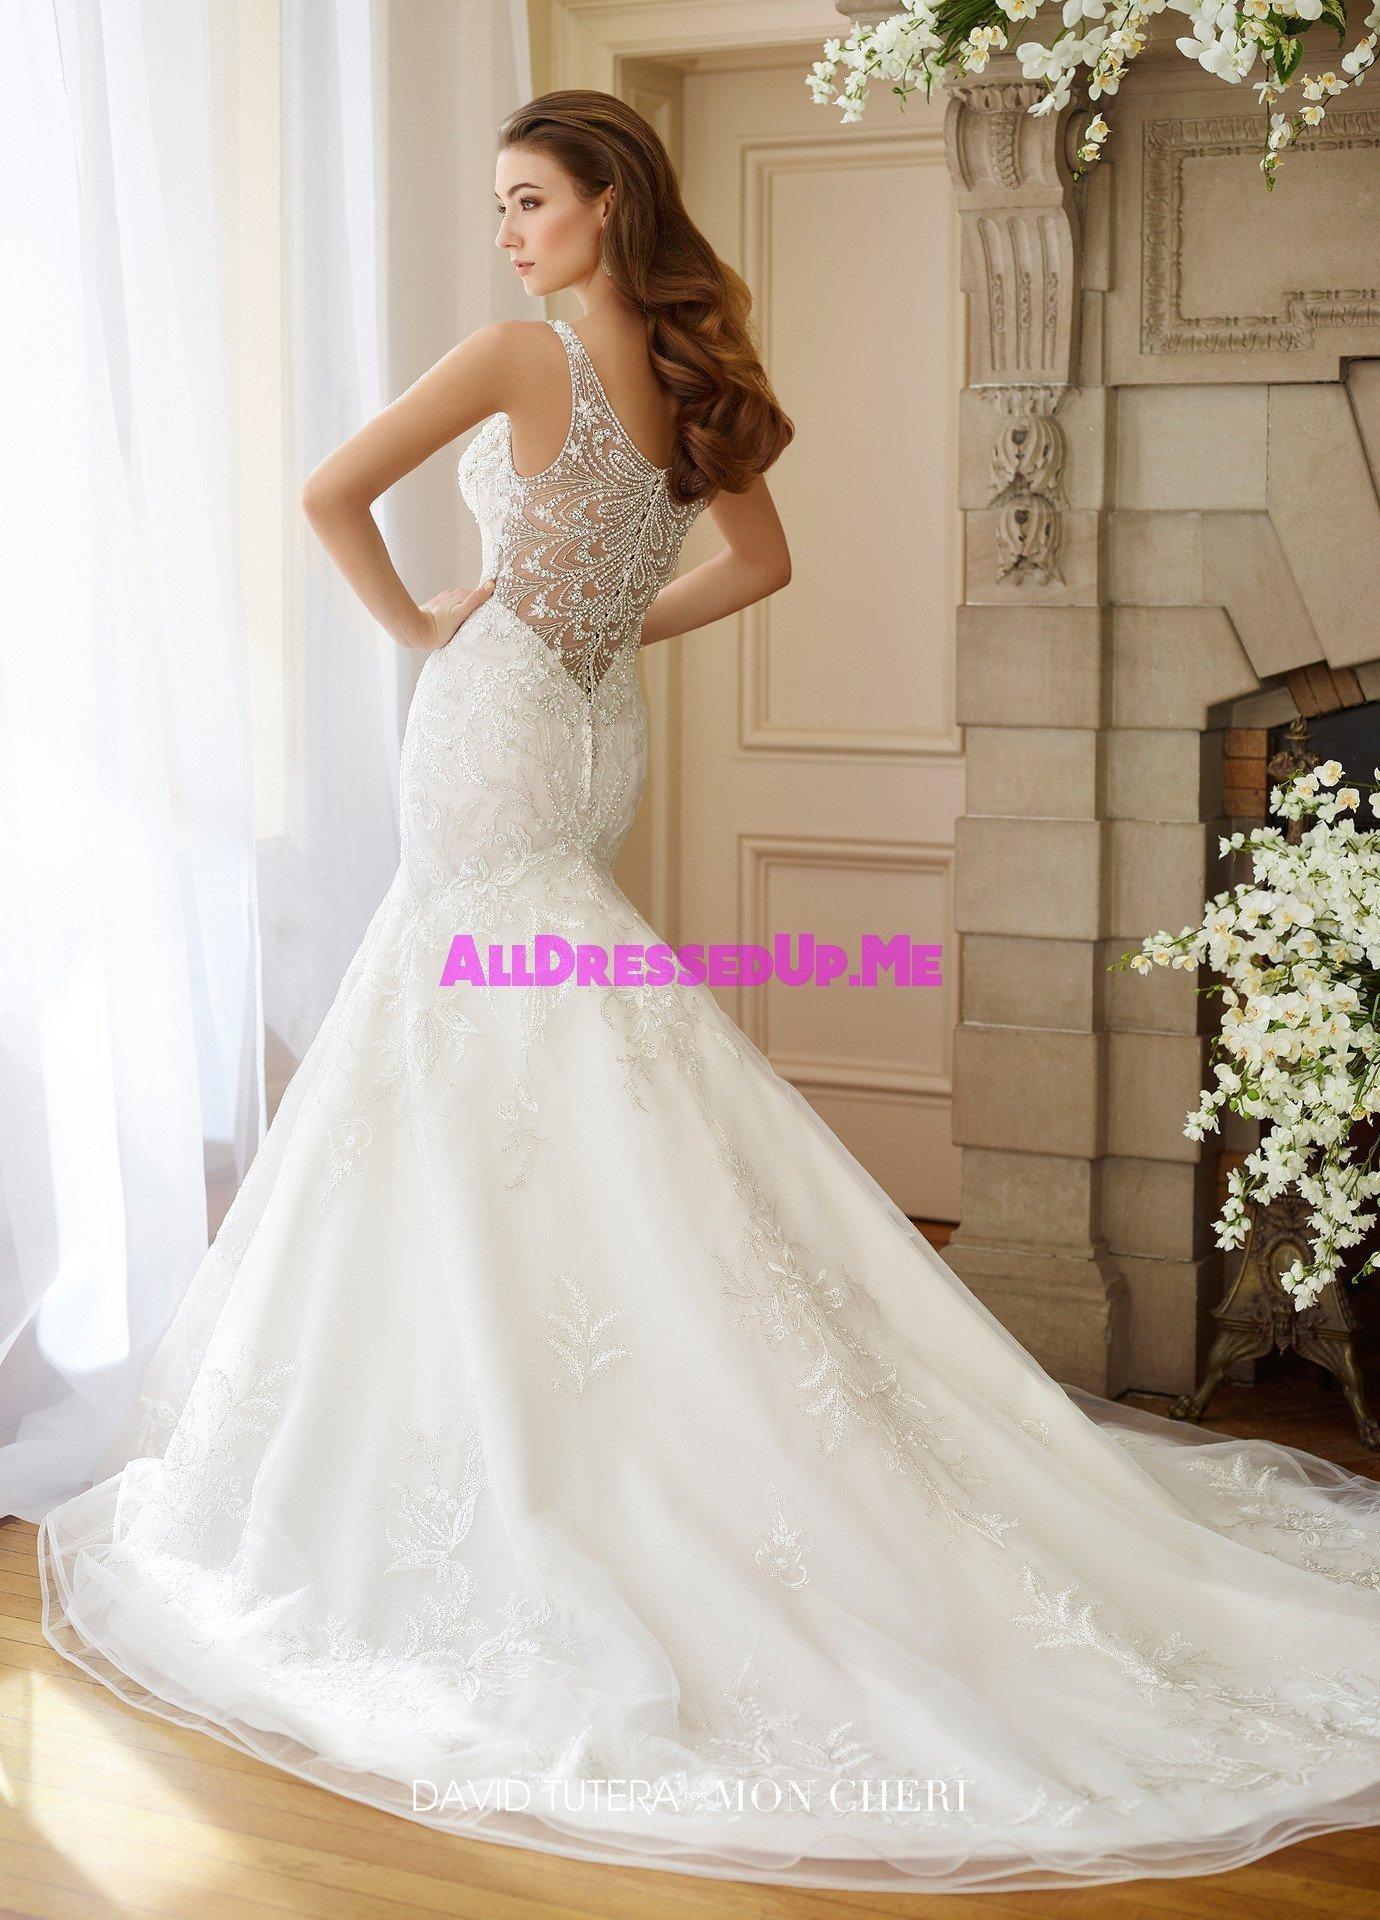 David Tutera 217208w Bess All Dressed Up Bridal Gown